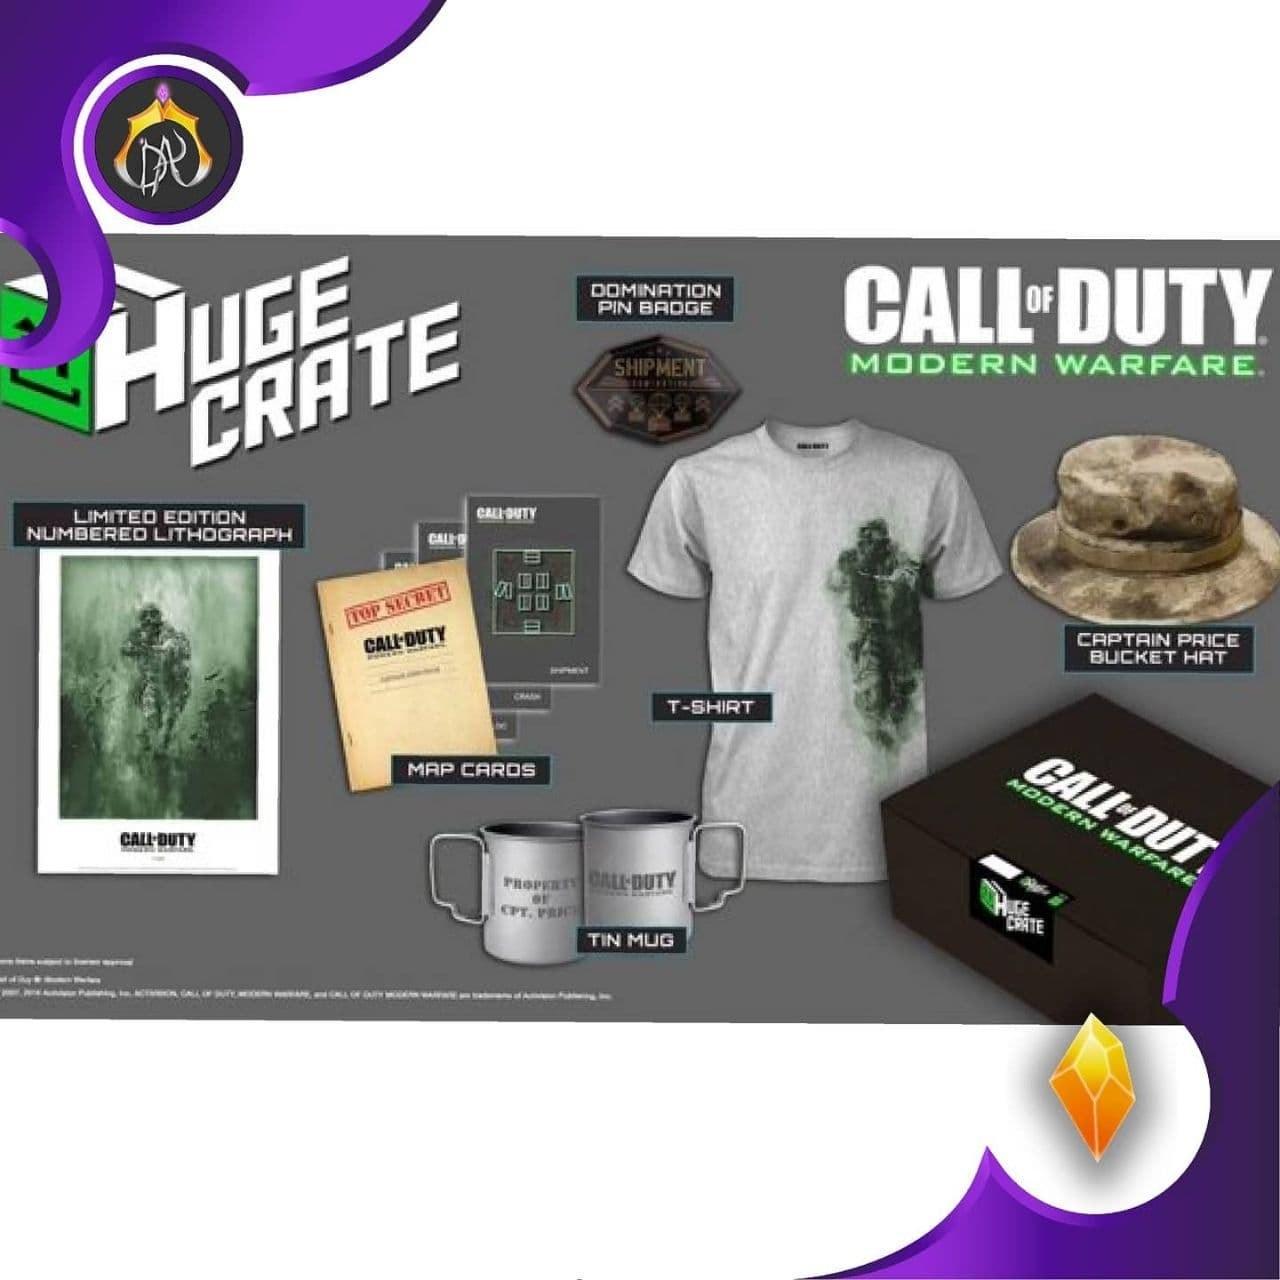 تصویر پکیج وسایل Call of Duty Modern Warfare